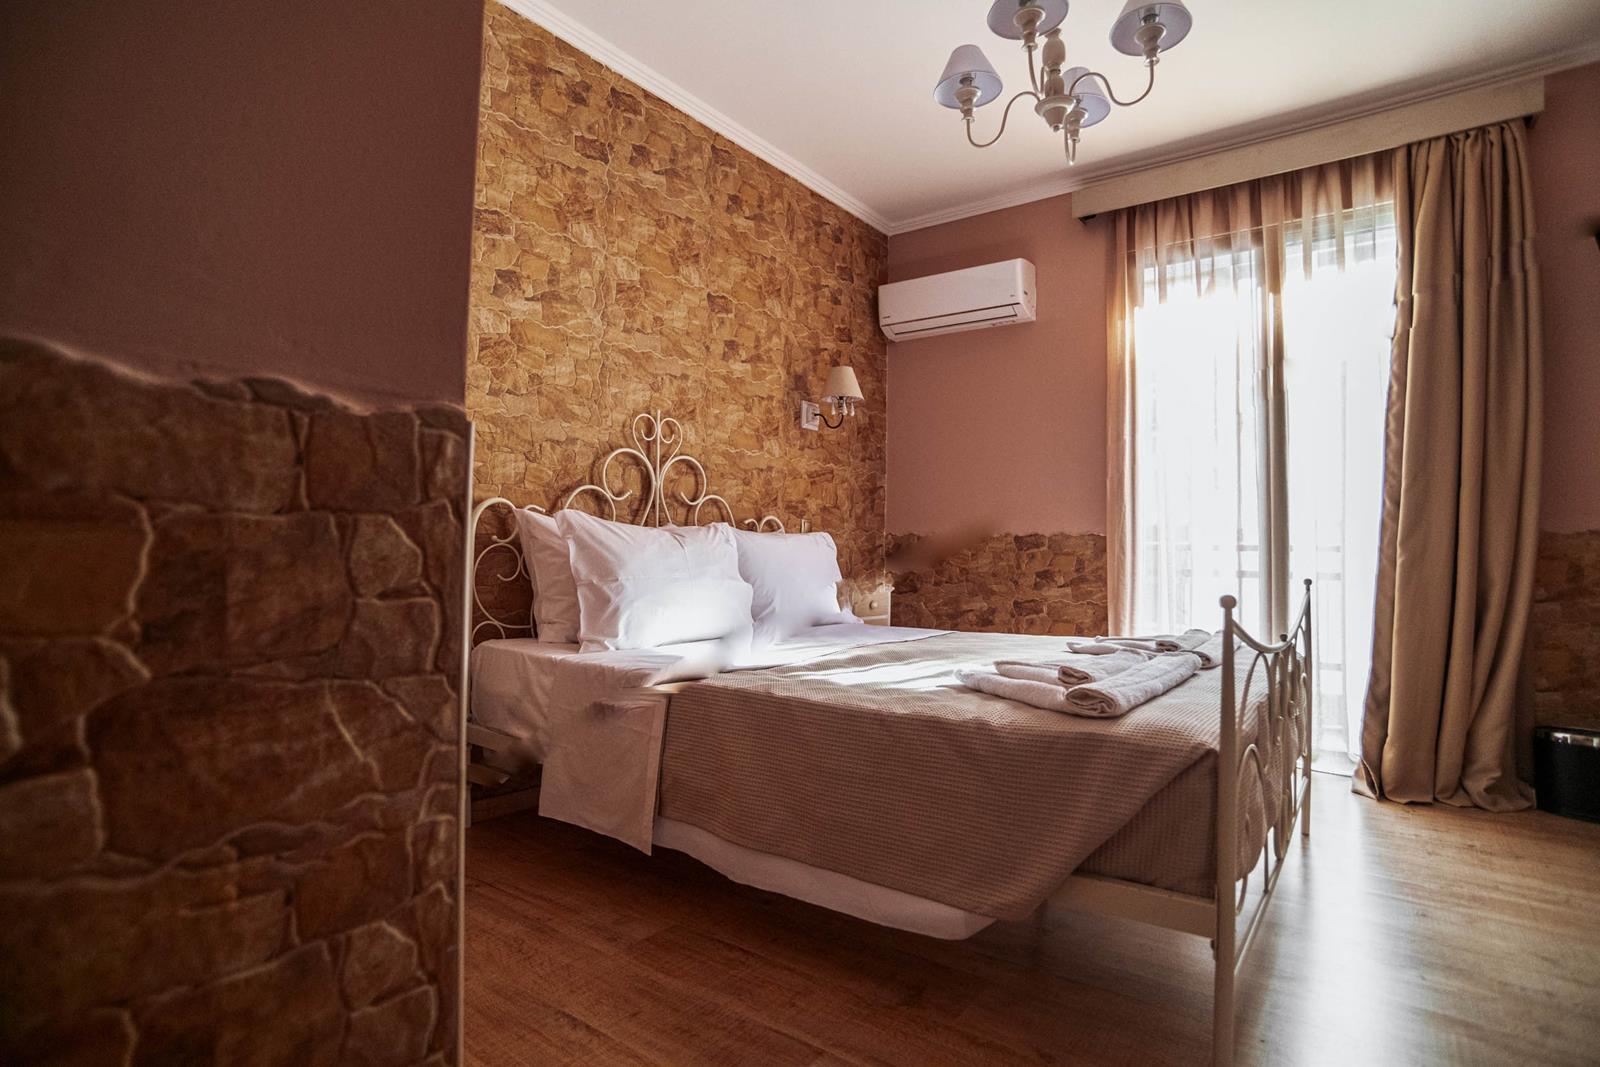 ξενοδοχείο αλεξανδρούπολη - Ξενοδοχείο Lighthouse Αλεξανδρούπολη